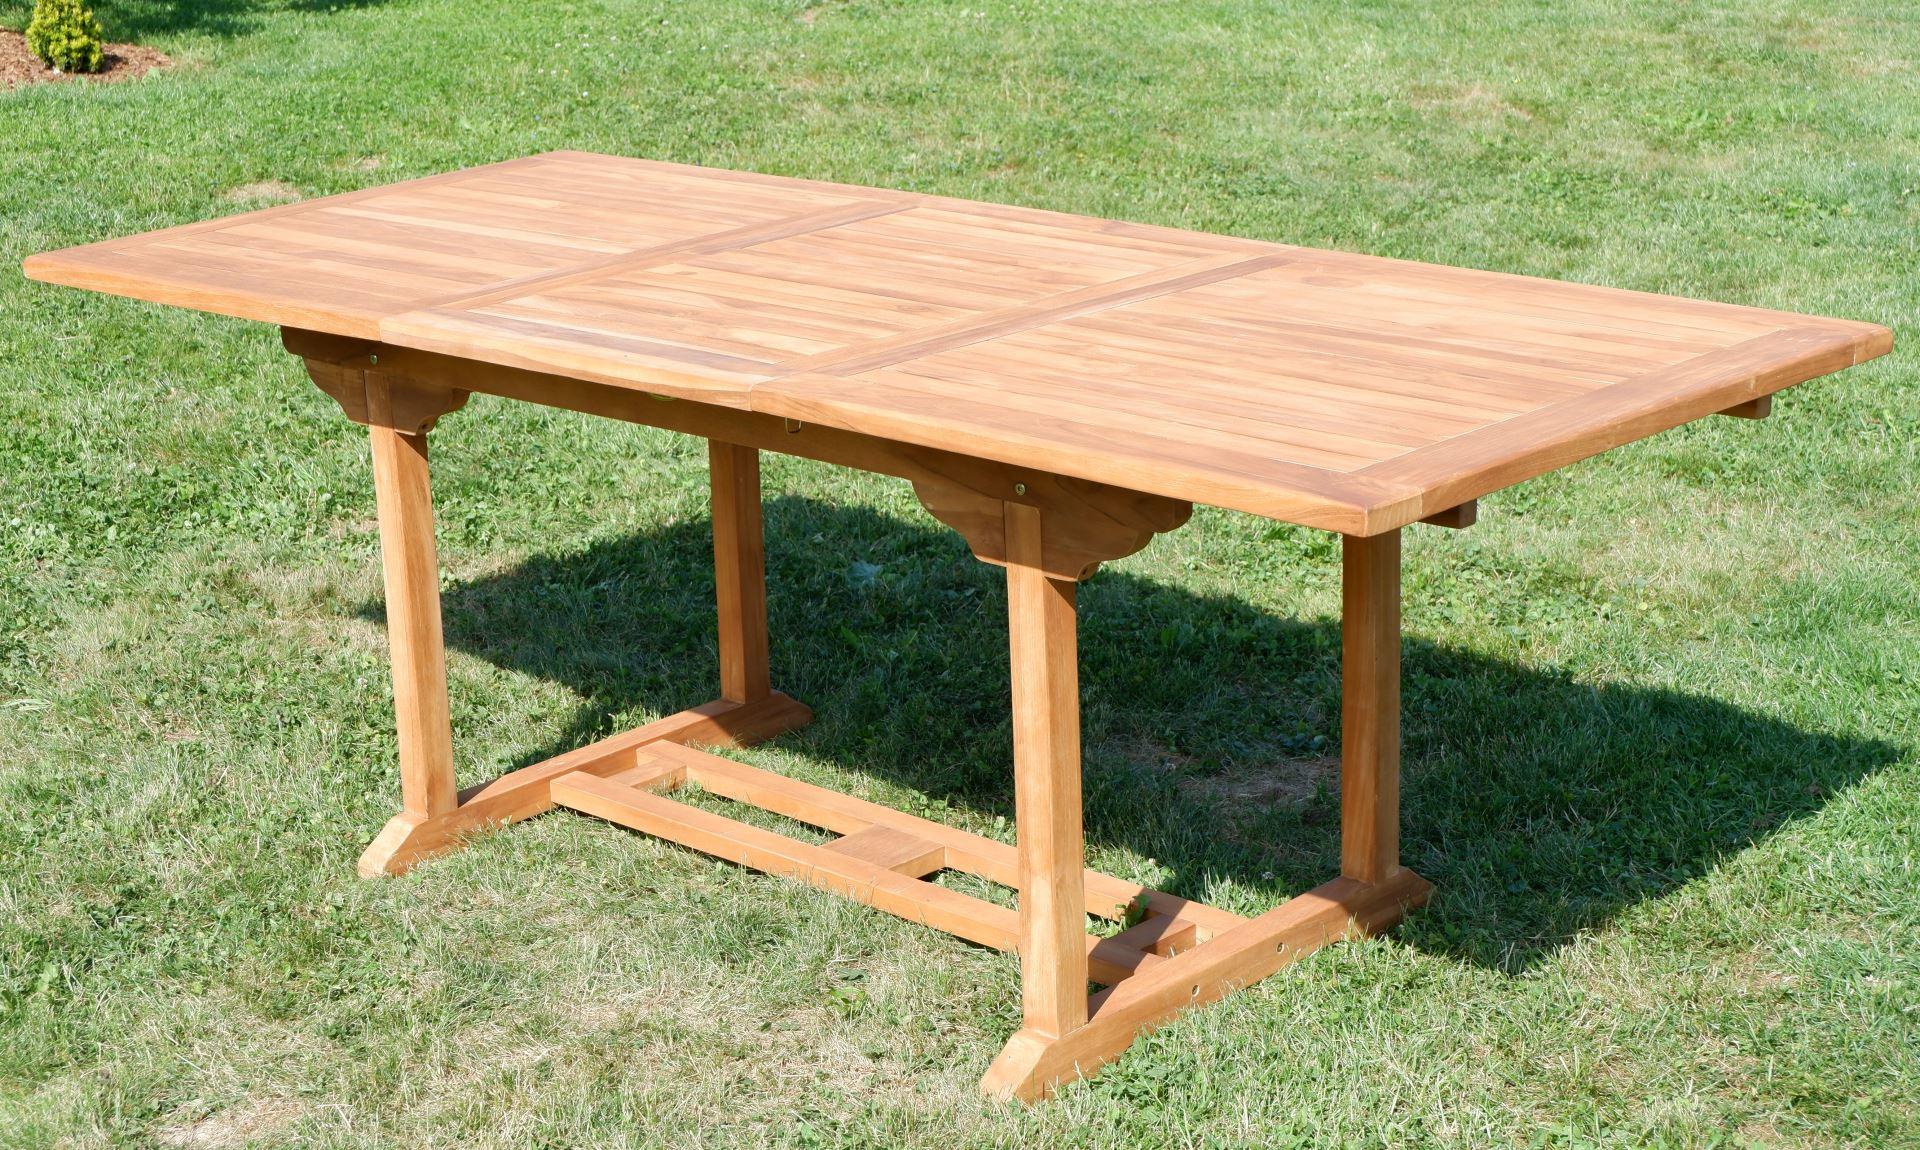 Teak Xxl Ausziehtisch 150 200 210 X 90 Cm Holztisch Gartentisch Garten Tisch Holz Saba Von As S Kaufen Bei As Handelsgmbh